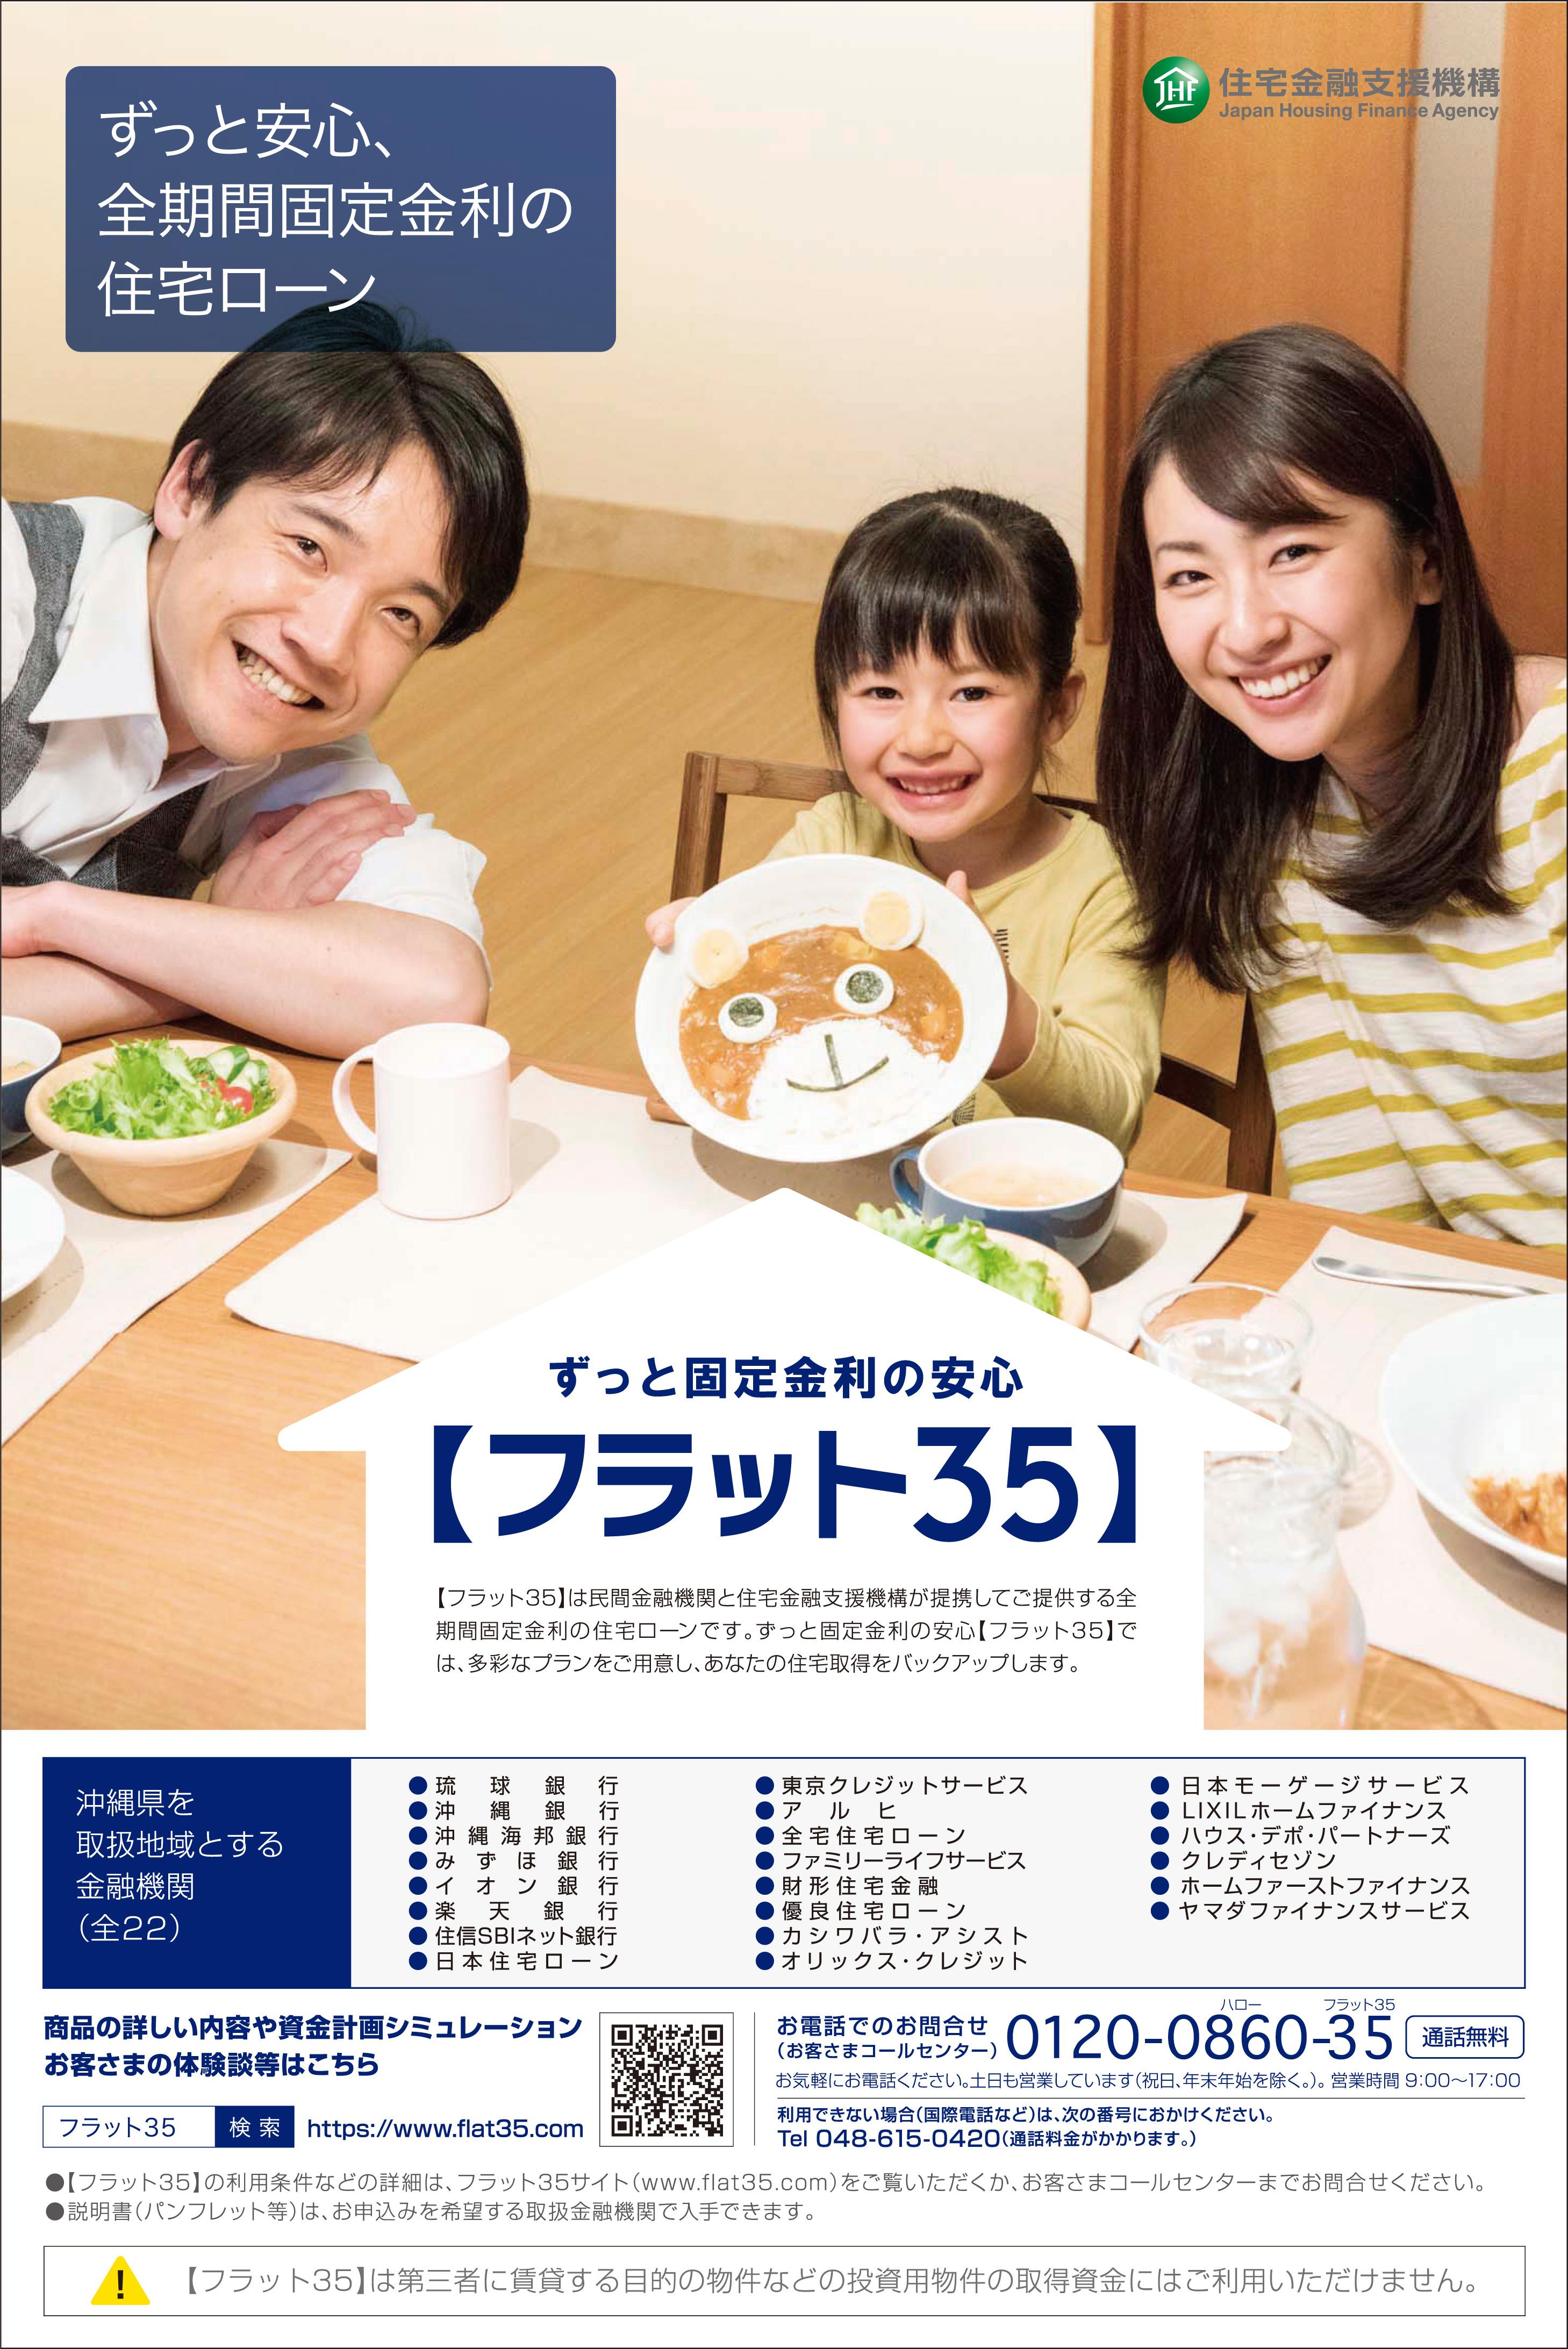 ずっと固定金利の安心【フラット35】 住宅金融支援機構